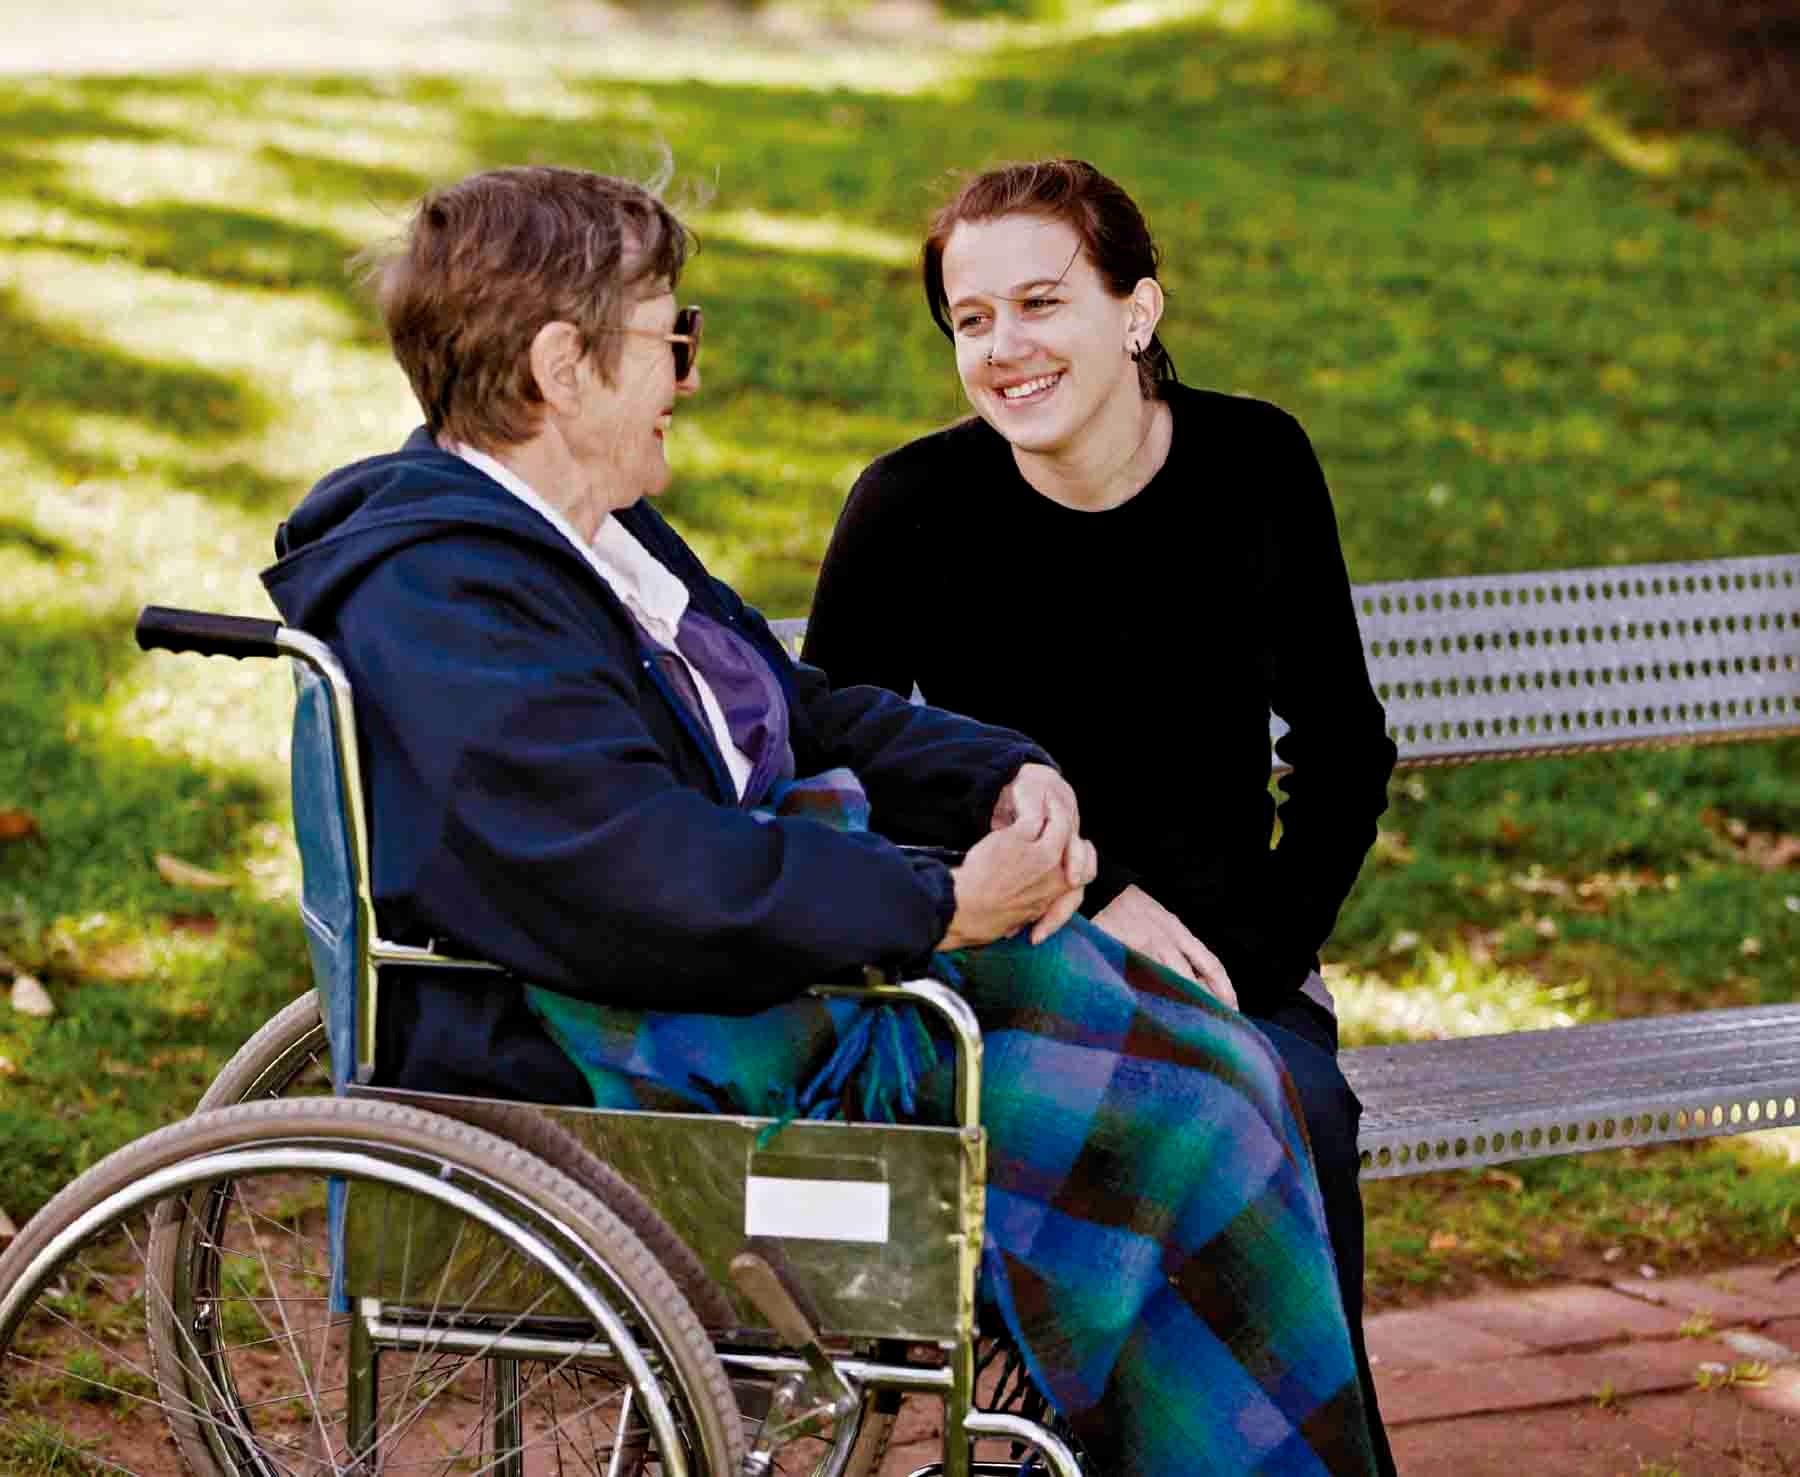 amigo con discapacidad